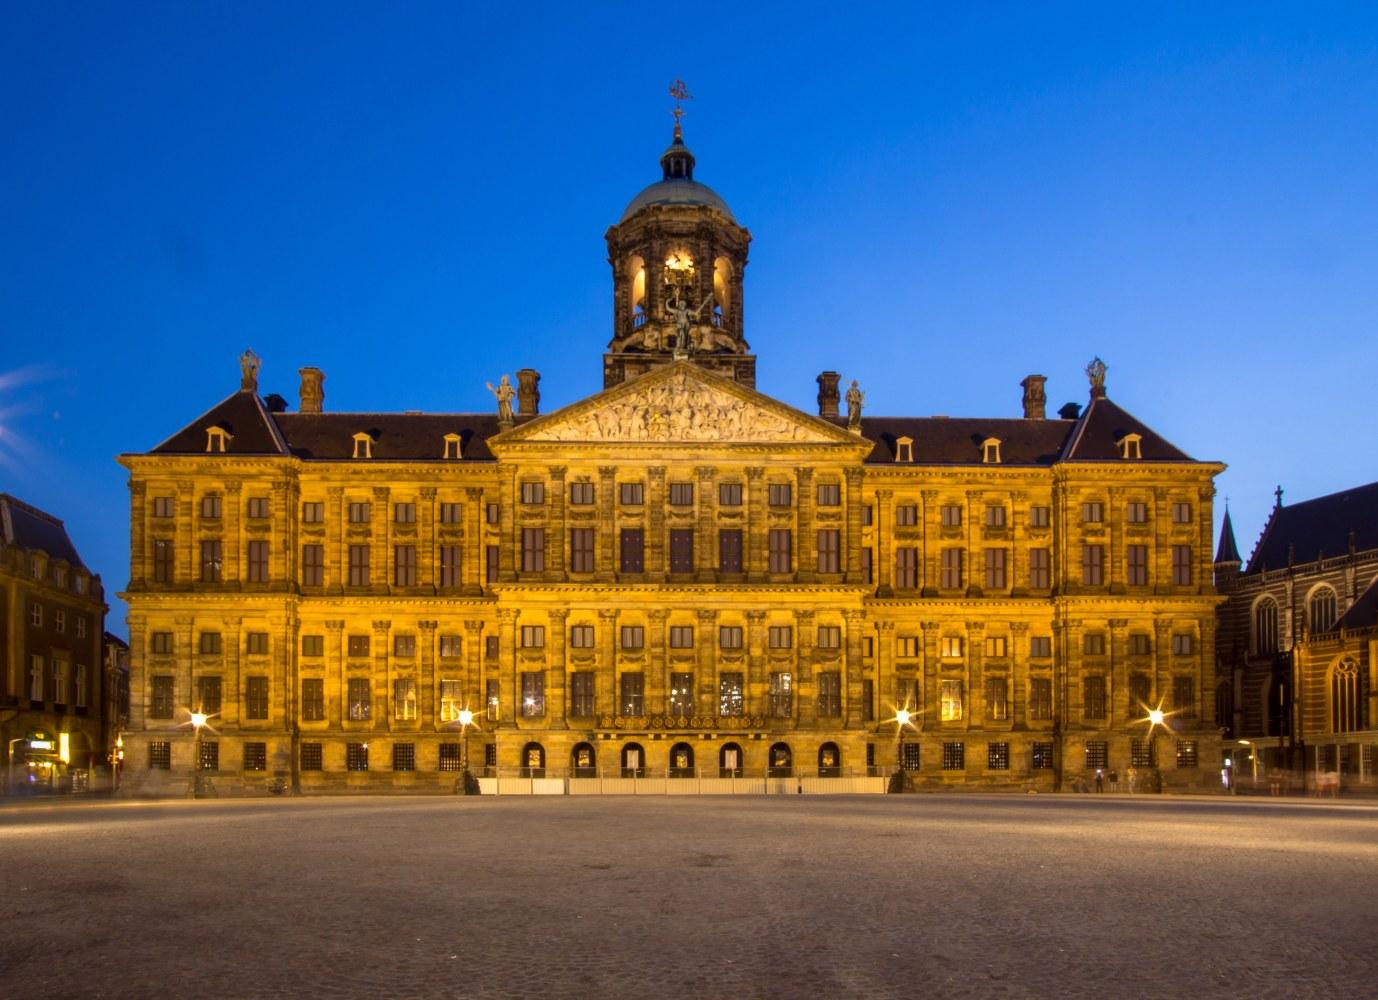 Palácio real de Amesterdão